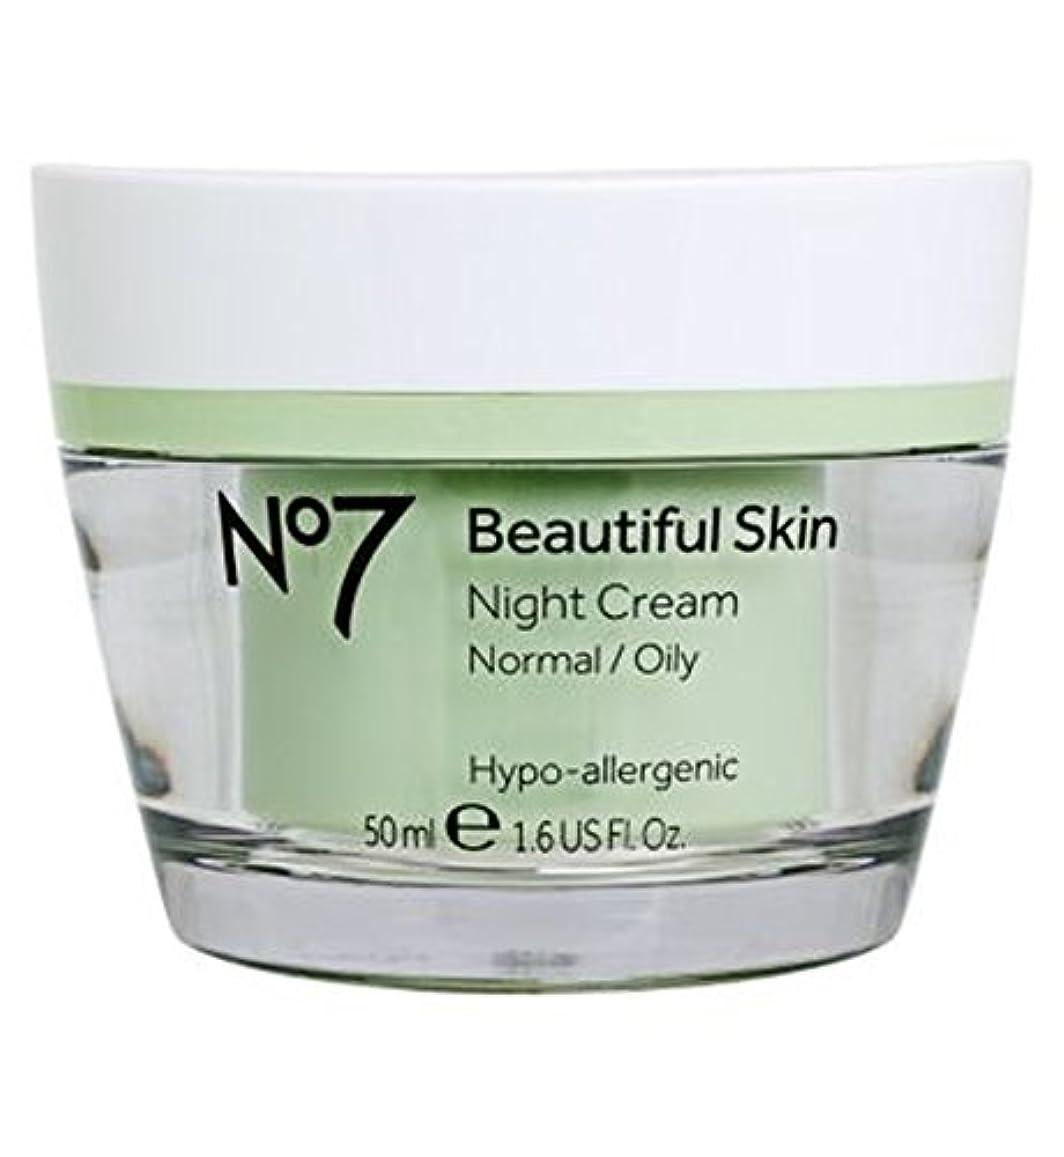 家具ドアミラー幻滅するノーマル/オイリー肌の50ミリリットルのためNo7美肌ナイトクリーム (No7) (x2) - No7 Beautiful Skin Night Cream for Normal / Oily Skin 50ml (Pack of 2) [並行輸入品]